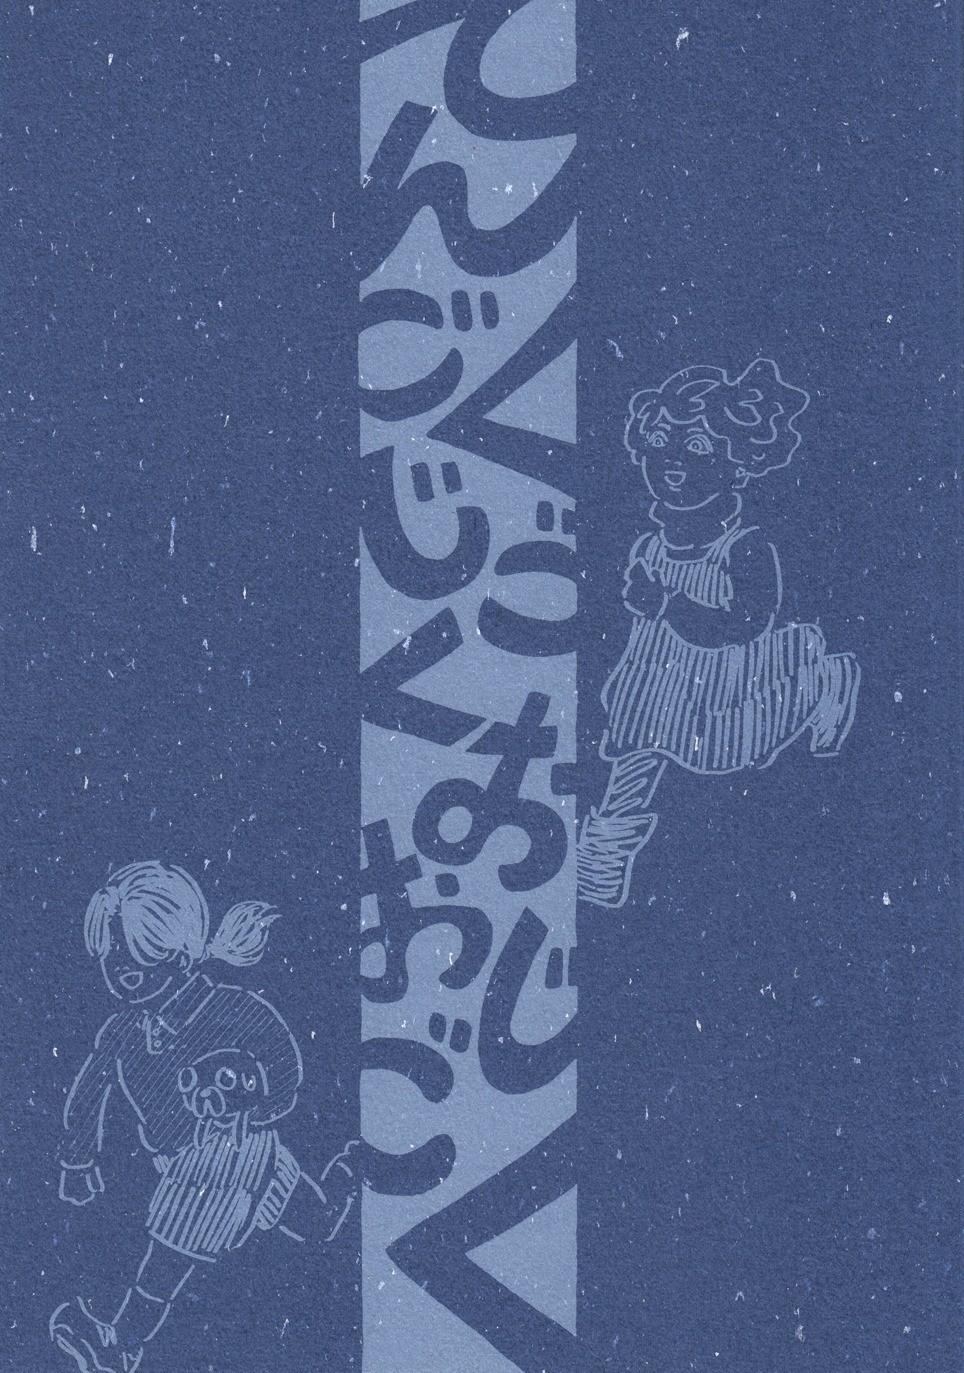 2018/11/25のコミティア126で発行した40頁漫画の後編です。前編200円後編200円です。前編はこちら→ https://note.mu/seikatsugakusyu/n/n782a33d830b2?creator_urlname=seikatsugakusyu